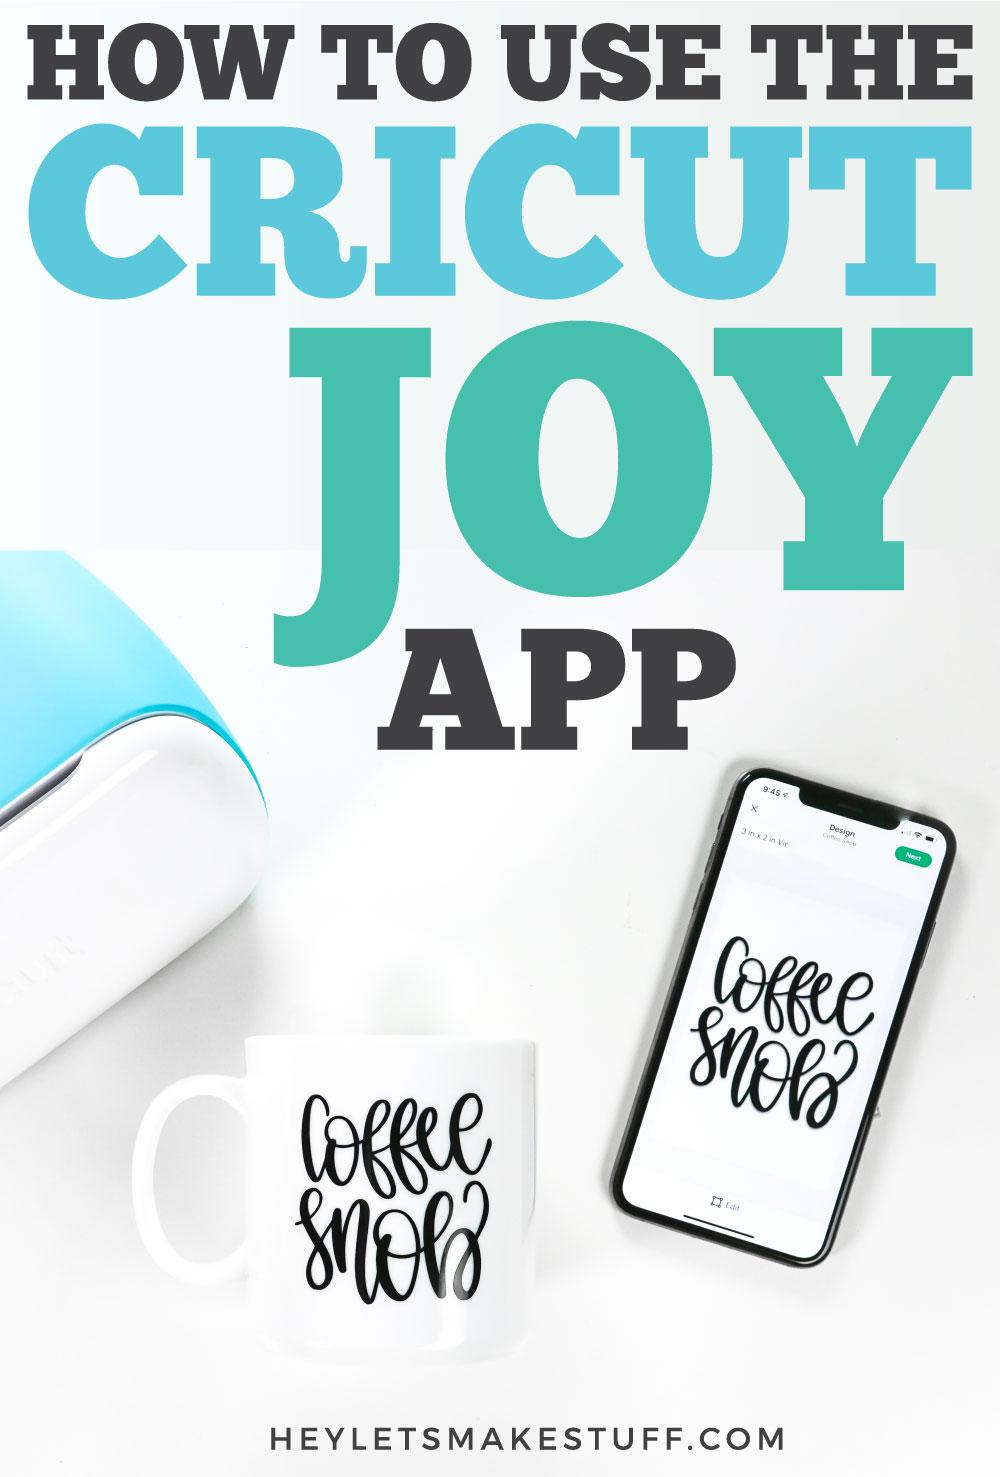 Cricut Joy App pin image